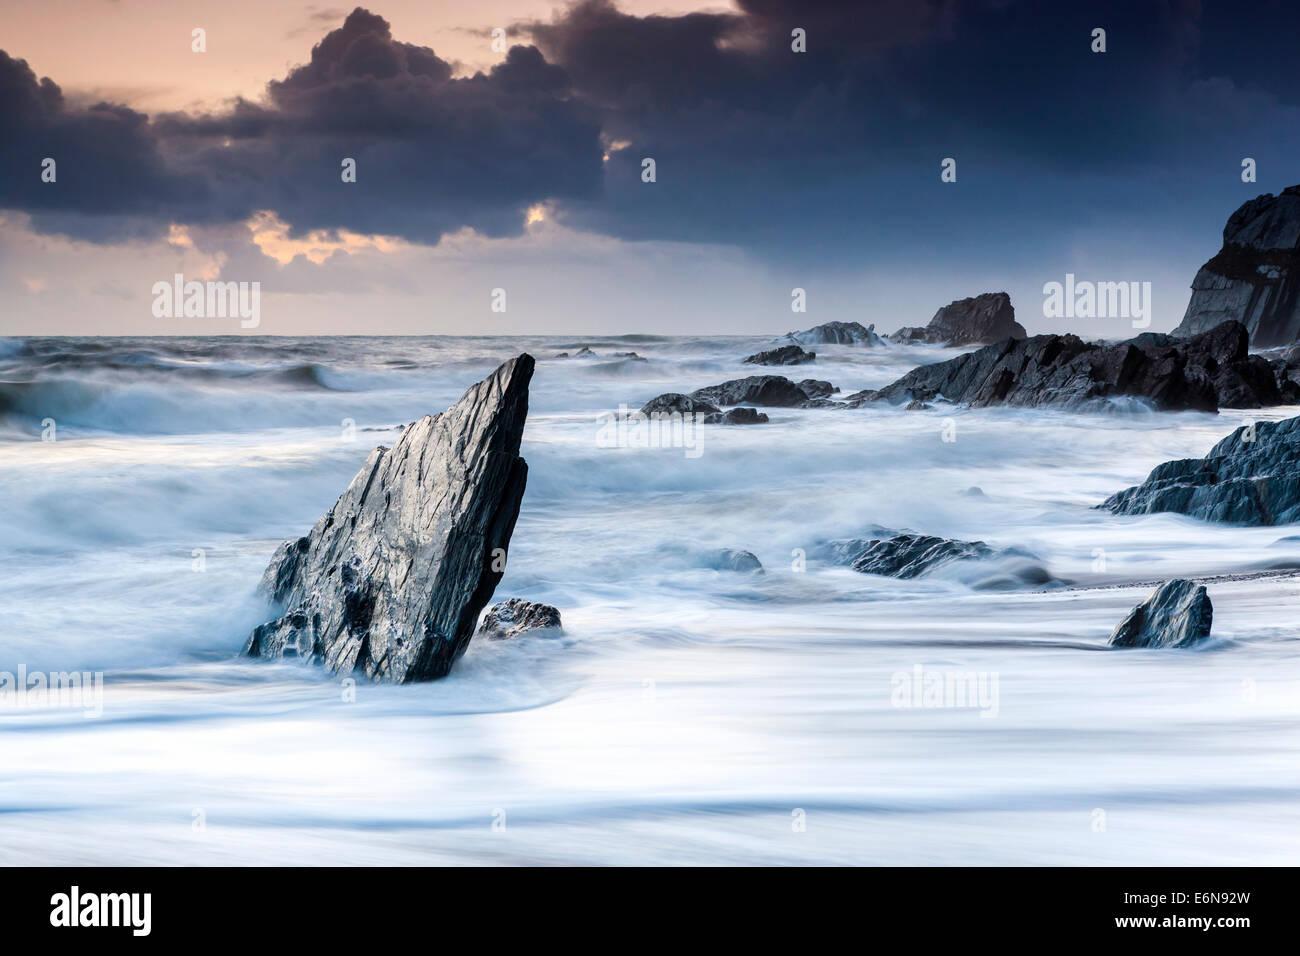 Côte Rocheuse à Ayrmer Cove dans le sud du Devon, South Hams, Angleterre, Royaume-Uni, Europe. Photo Stock